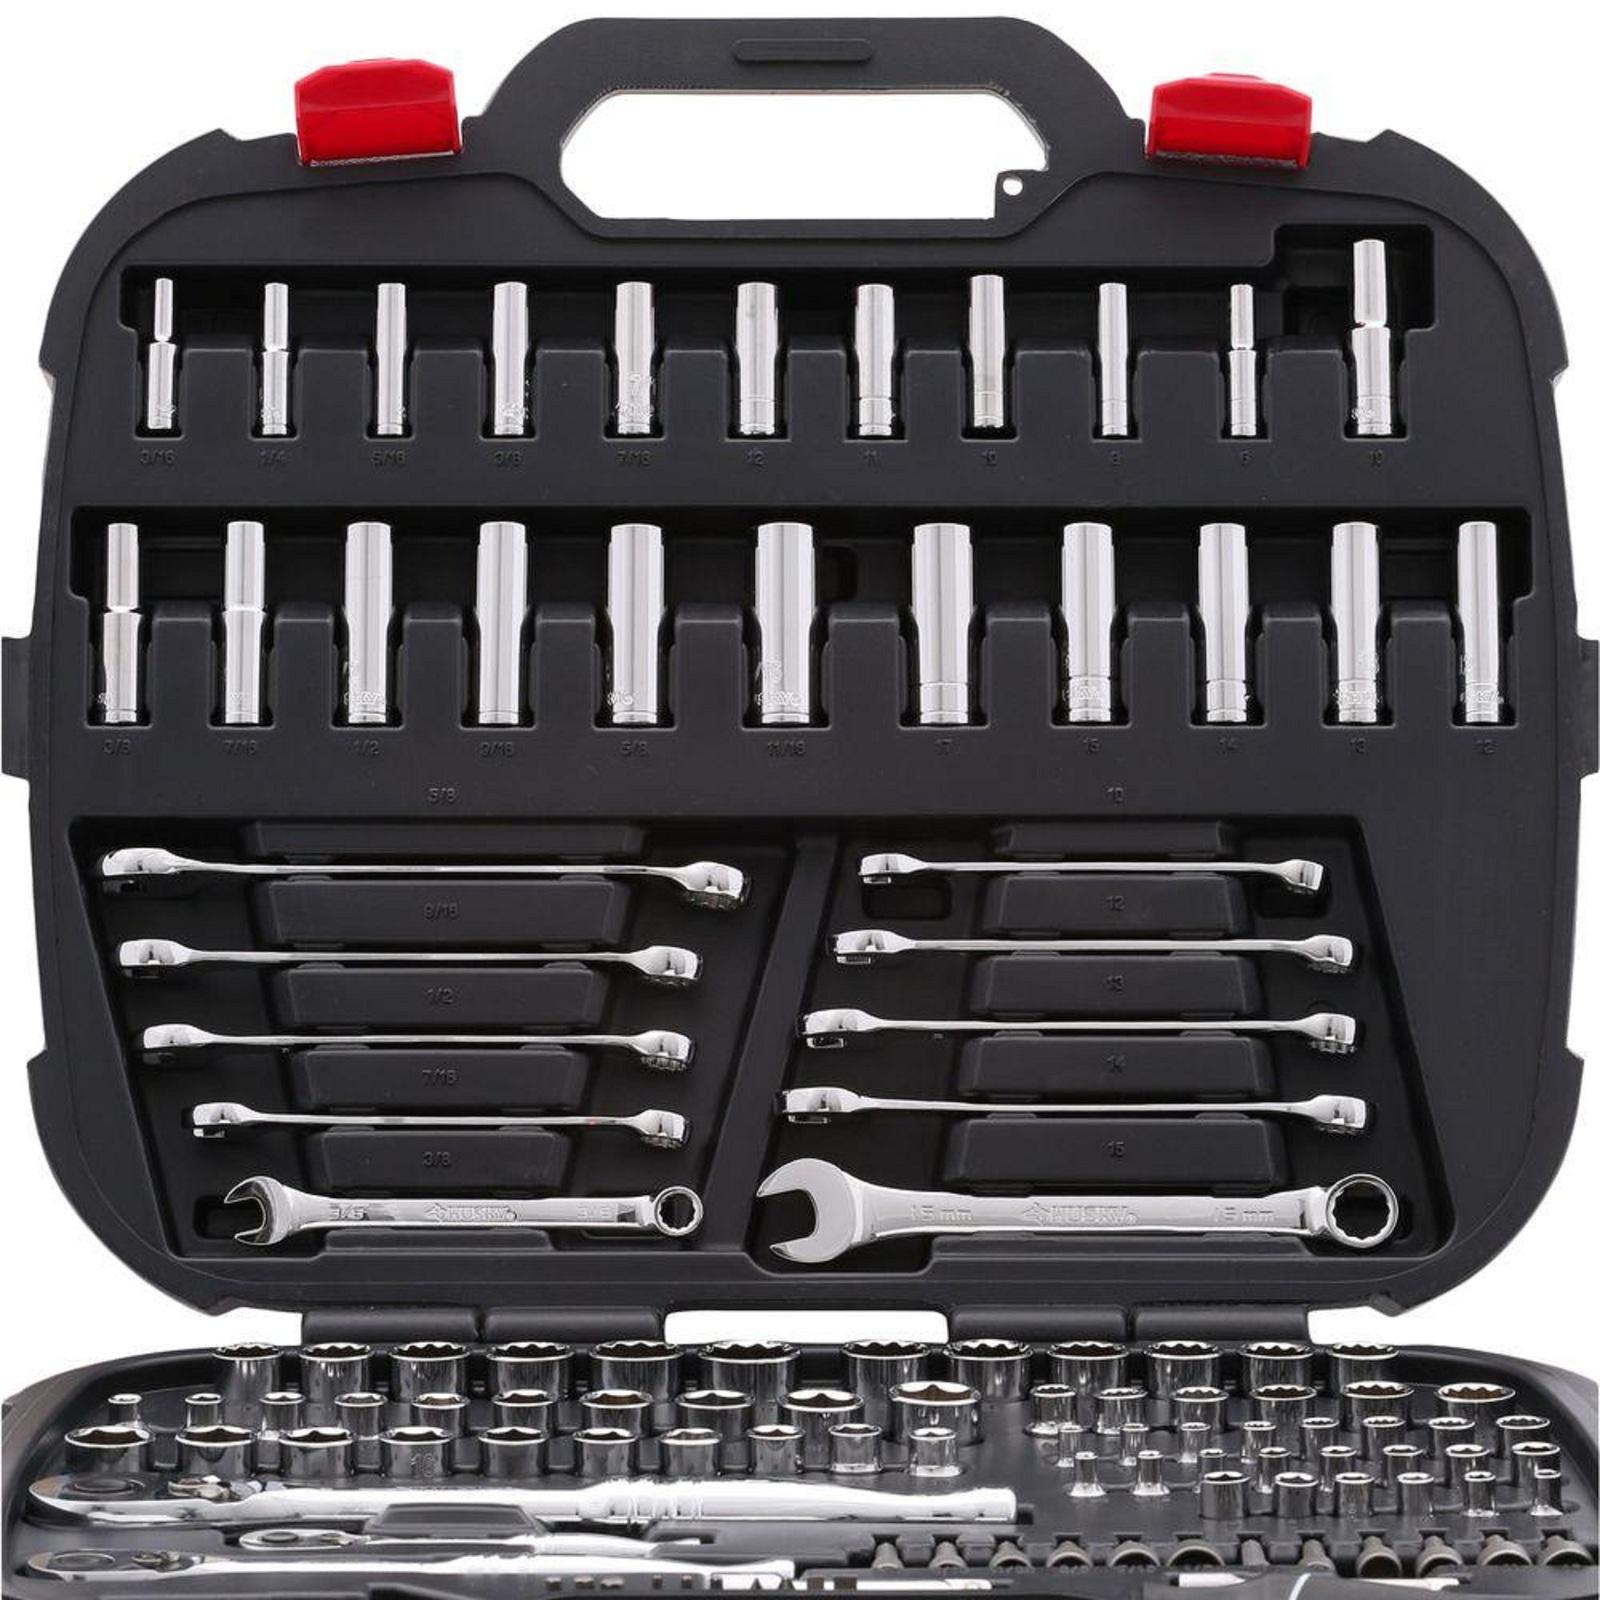 Husky mechanics tool sets h134mts 1d 1000